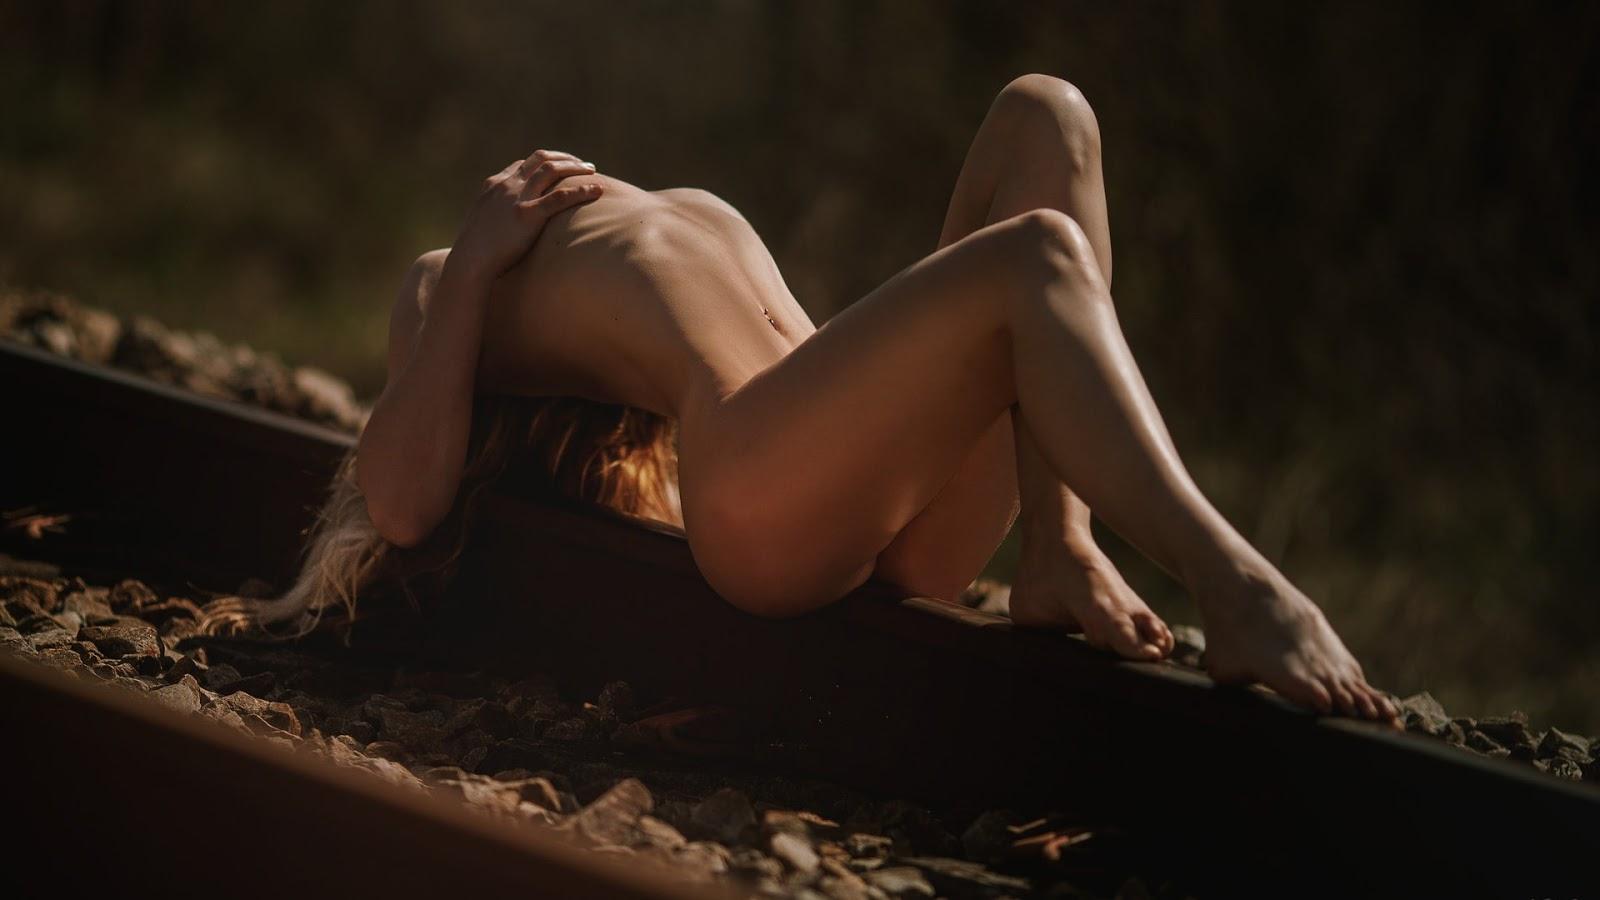 Wallpaper, sexy wallpaper, ragazze nude, wallpaper pc, nudo artistico, donna nuda, binari, tramonto, sensuale